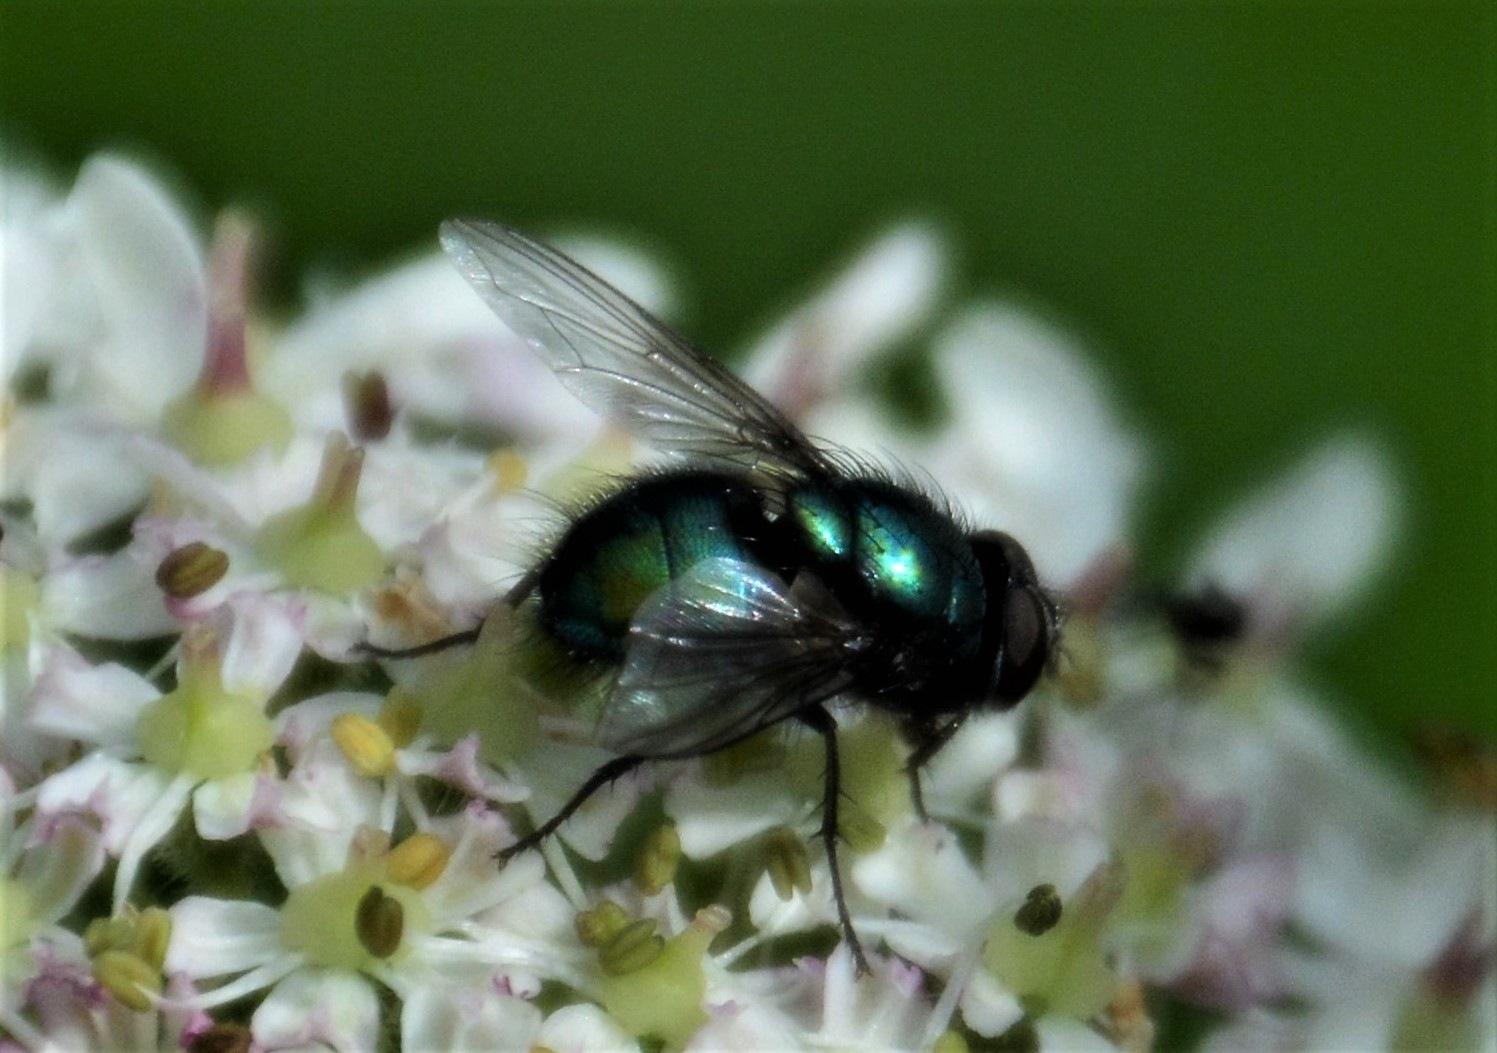 Green Bottle Fly by Andrew Longhurst